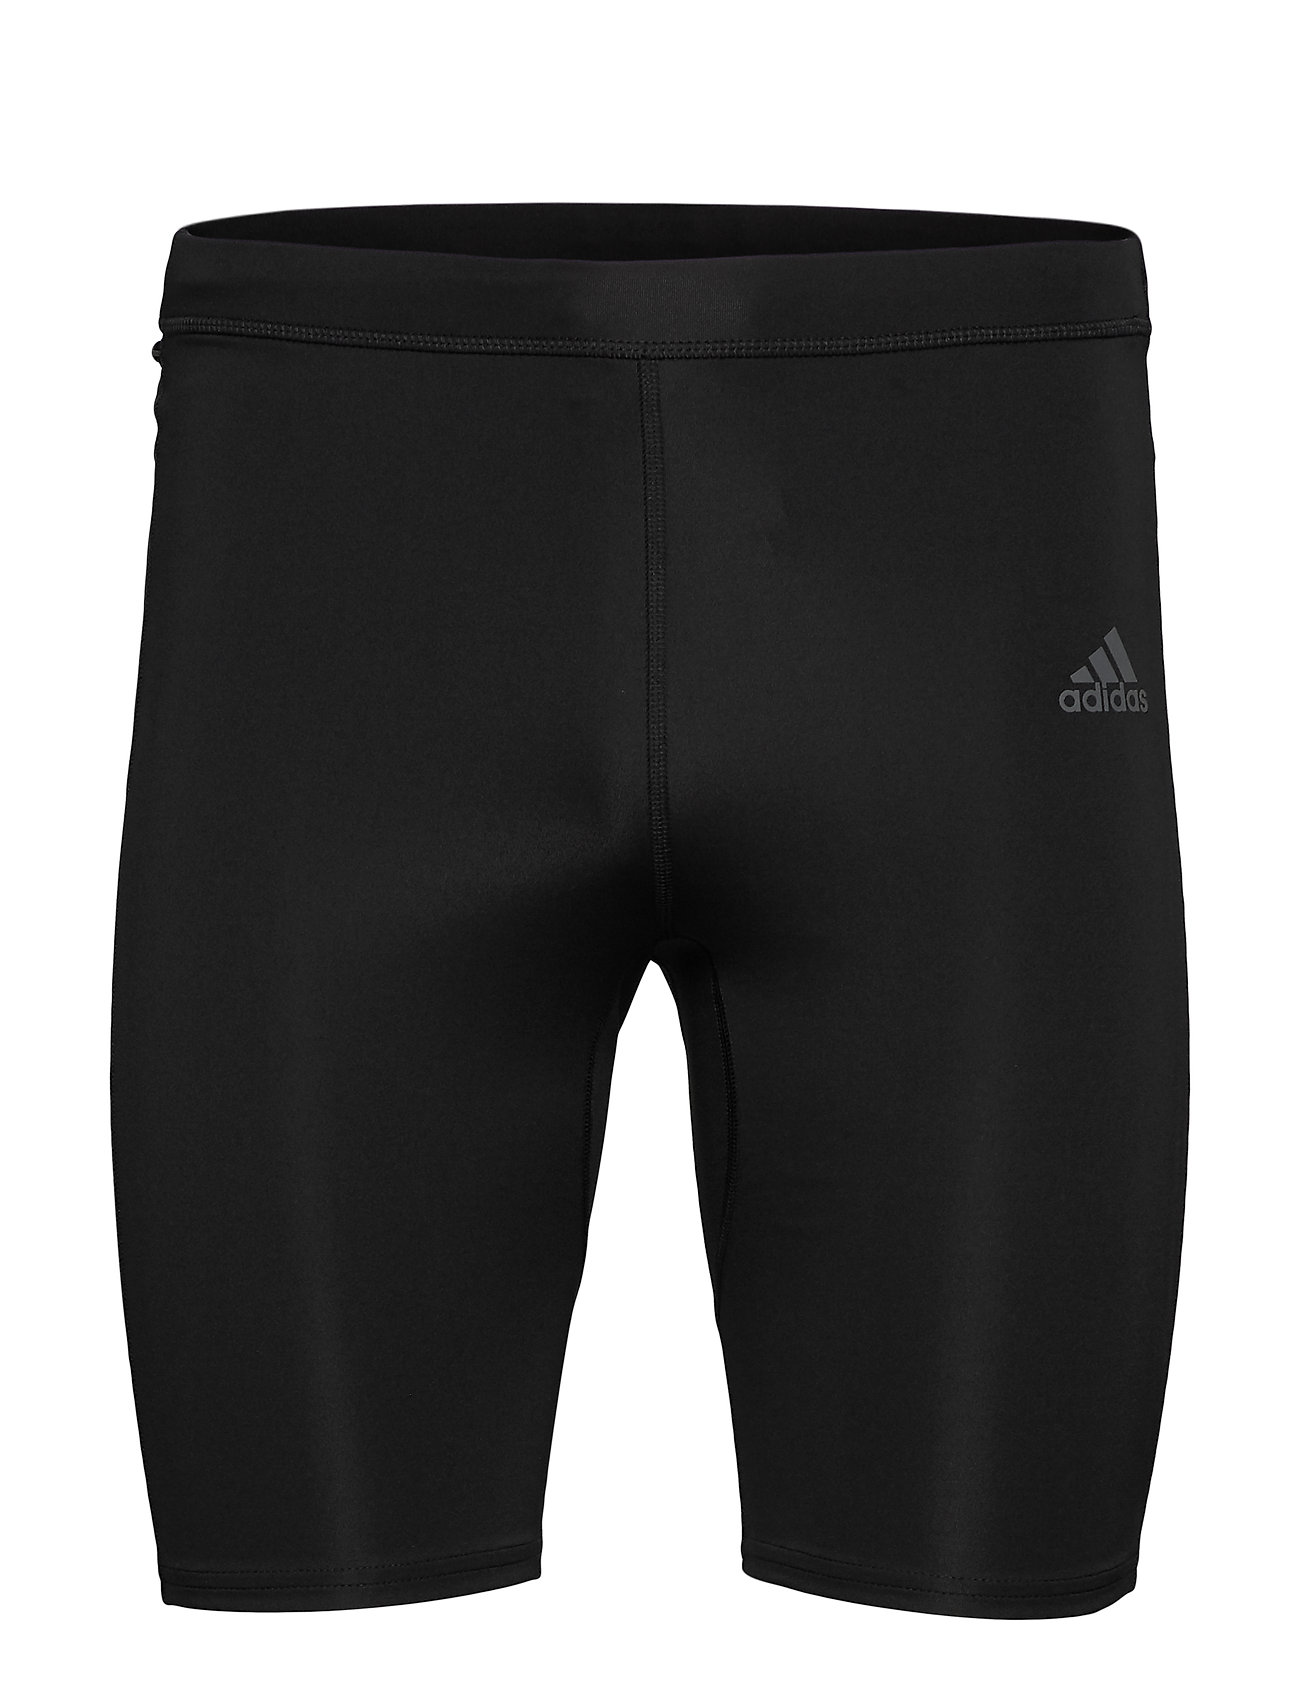 adidas Performance OTR SHORT TGT - BLACK